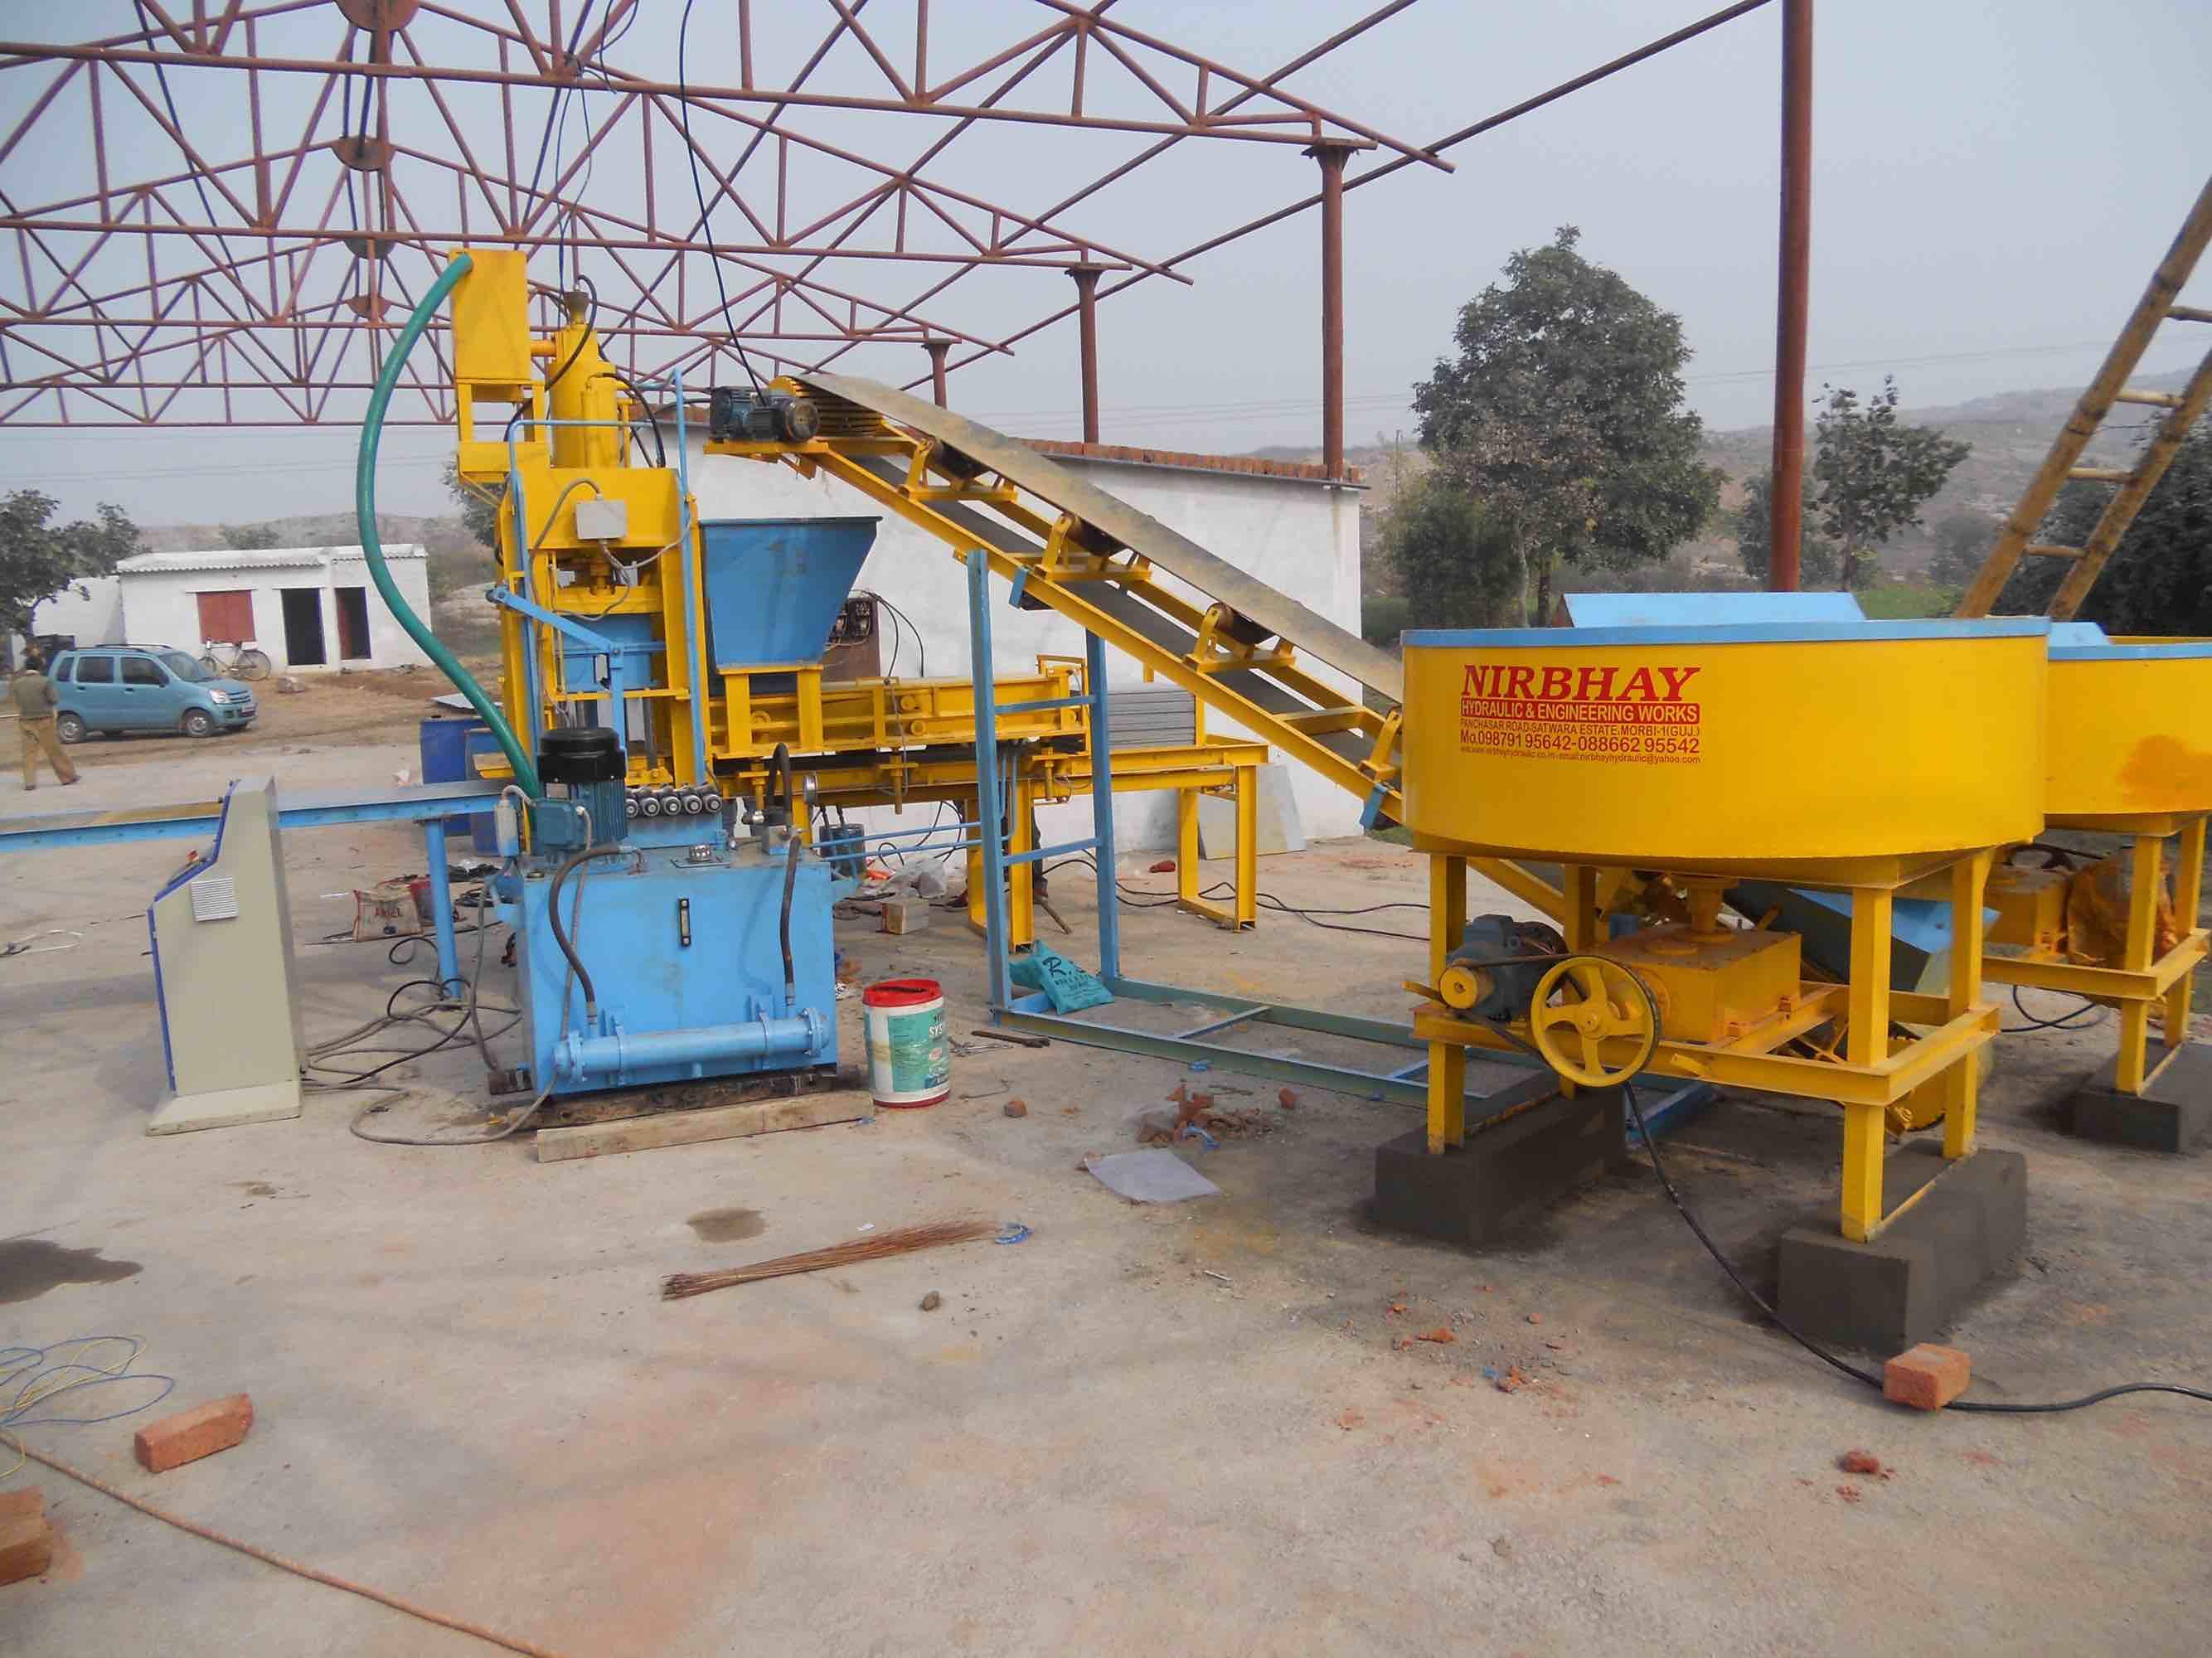 Nirbhay Hydraulic & Eng. Works